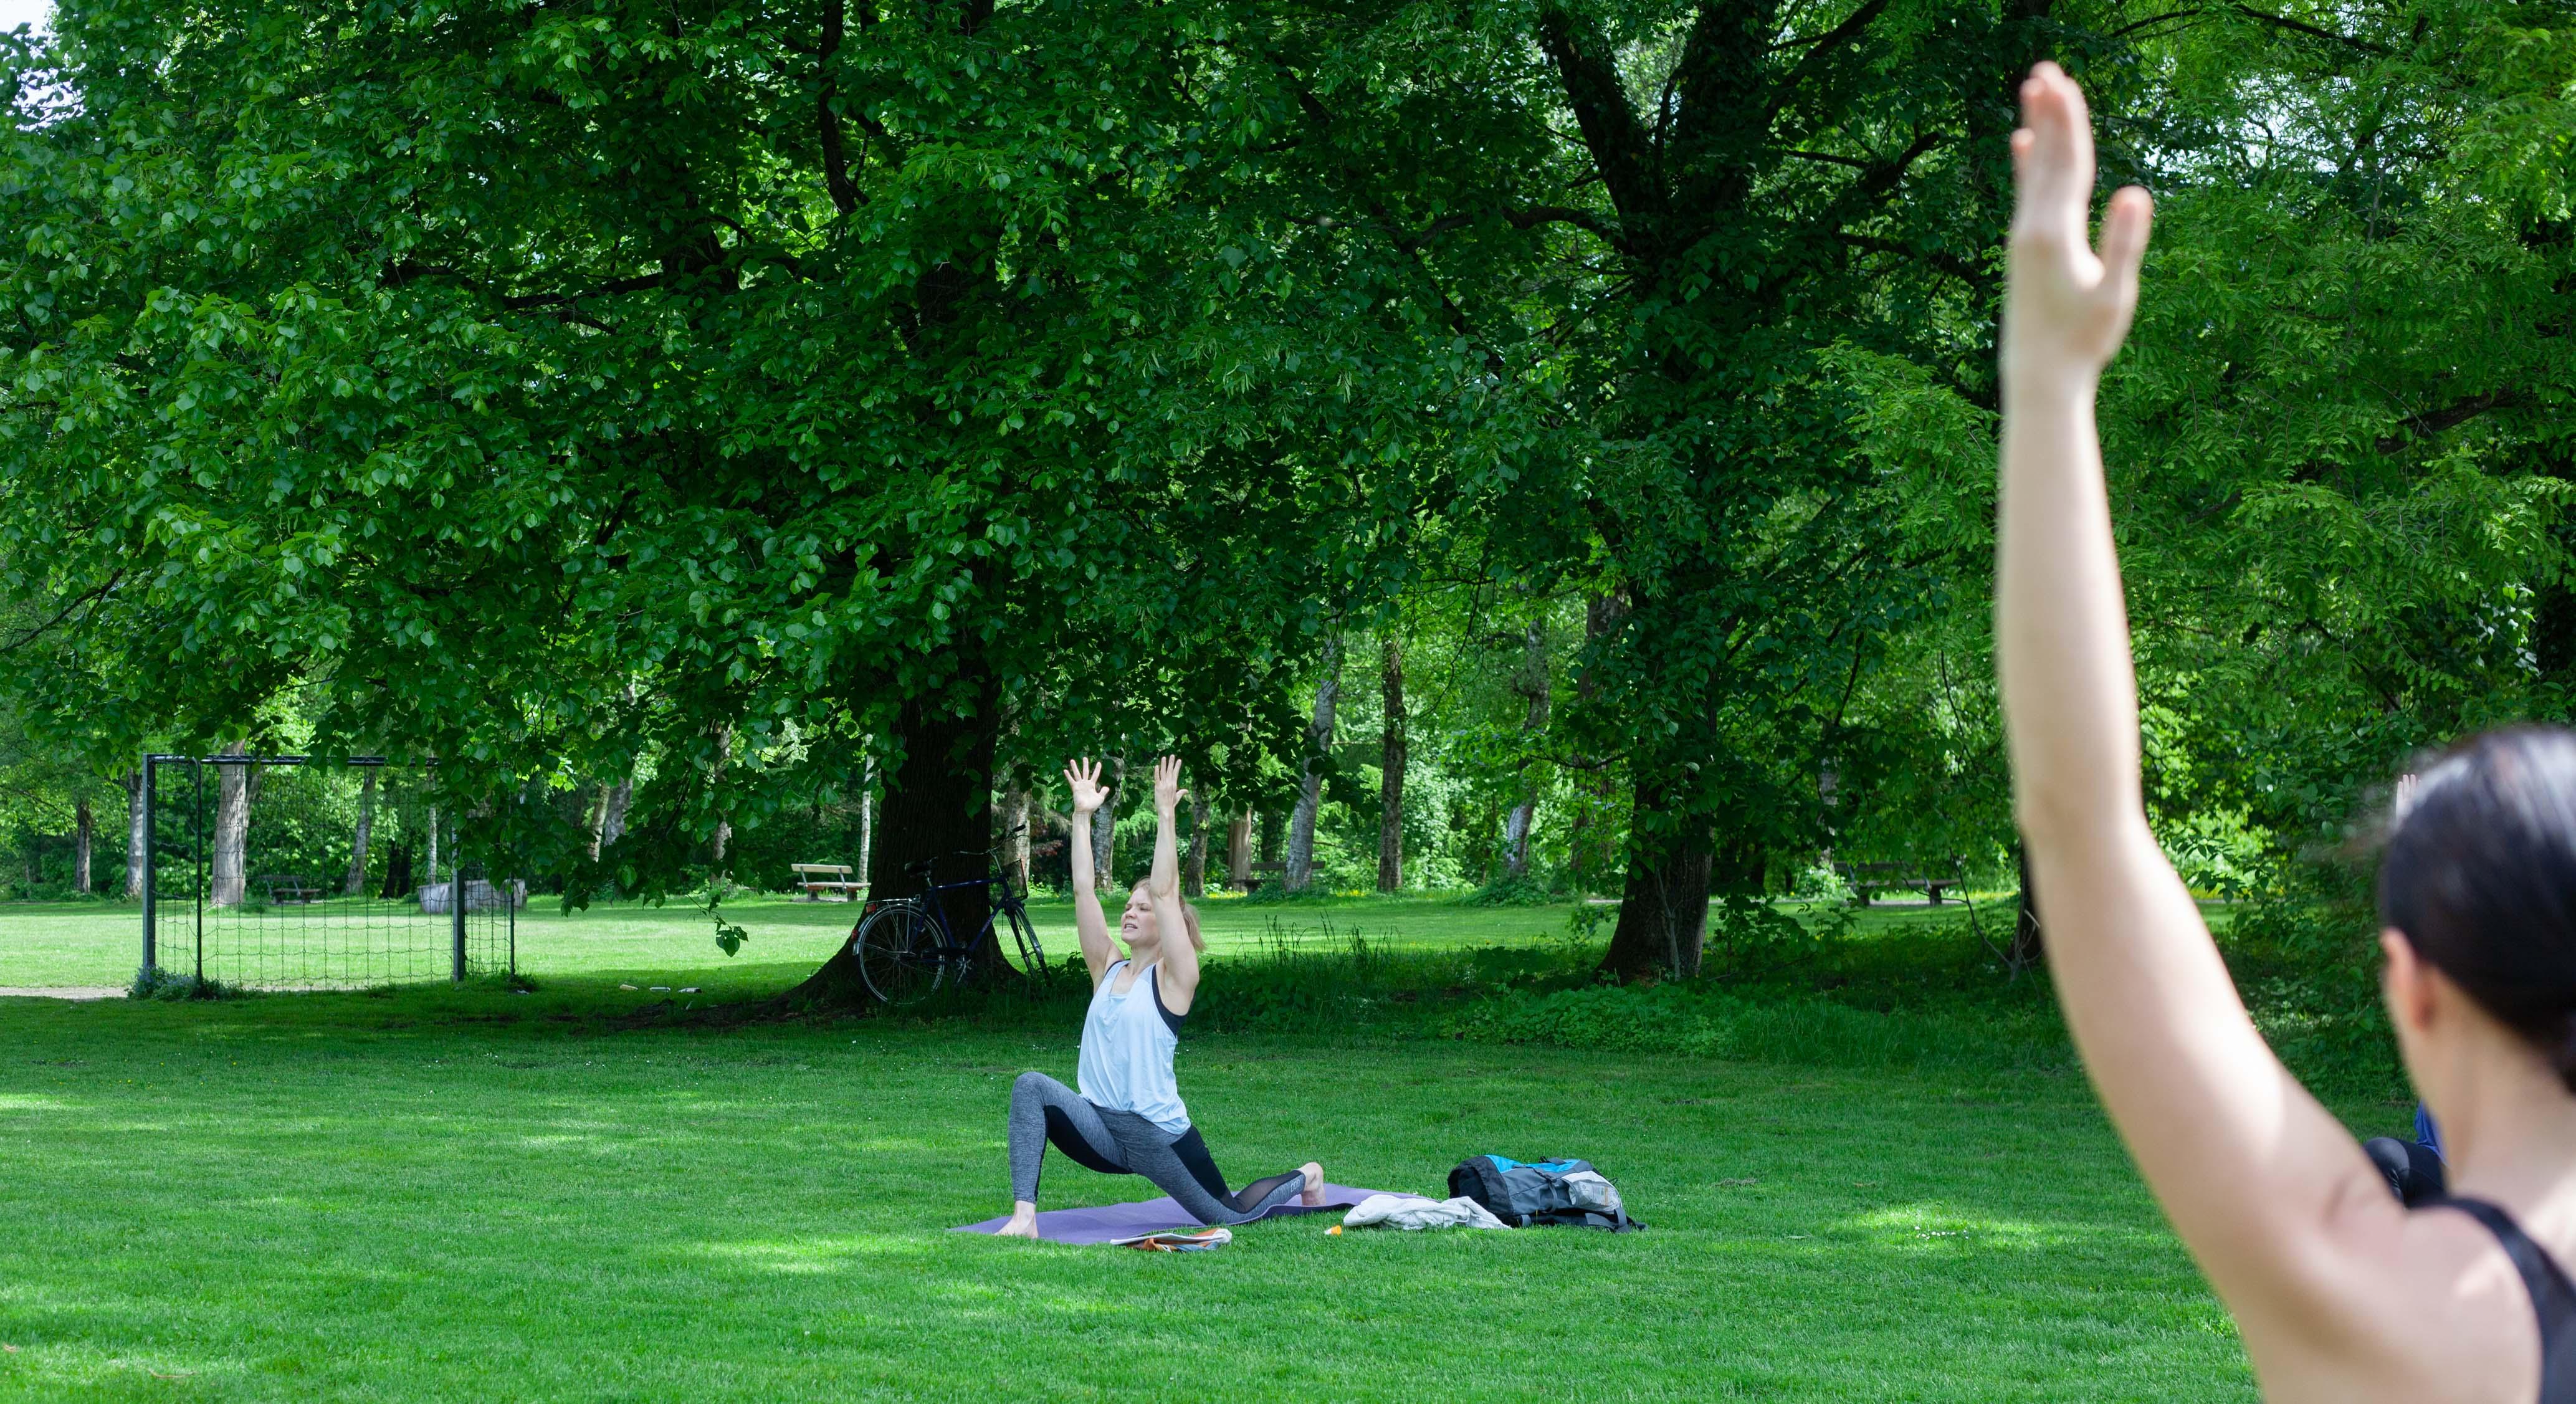 Yoga Im Park Donnenbergpark 20190518 Salzburg C Www Wildbild At Probetraining